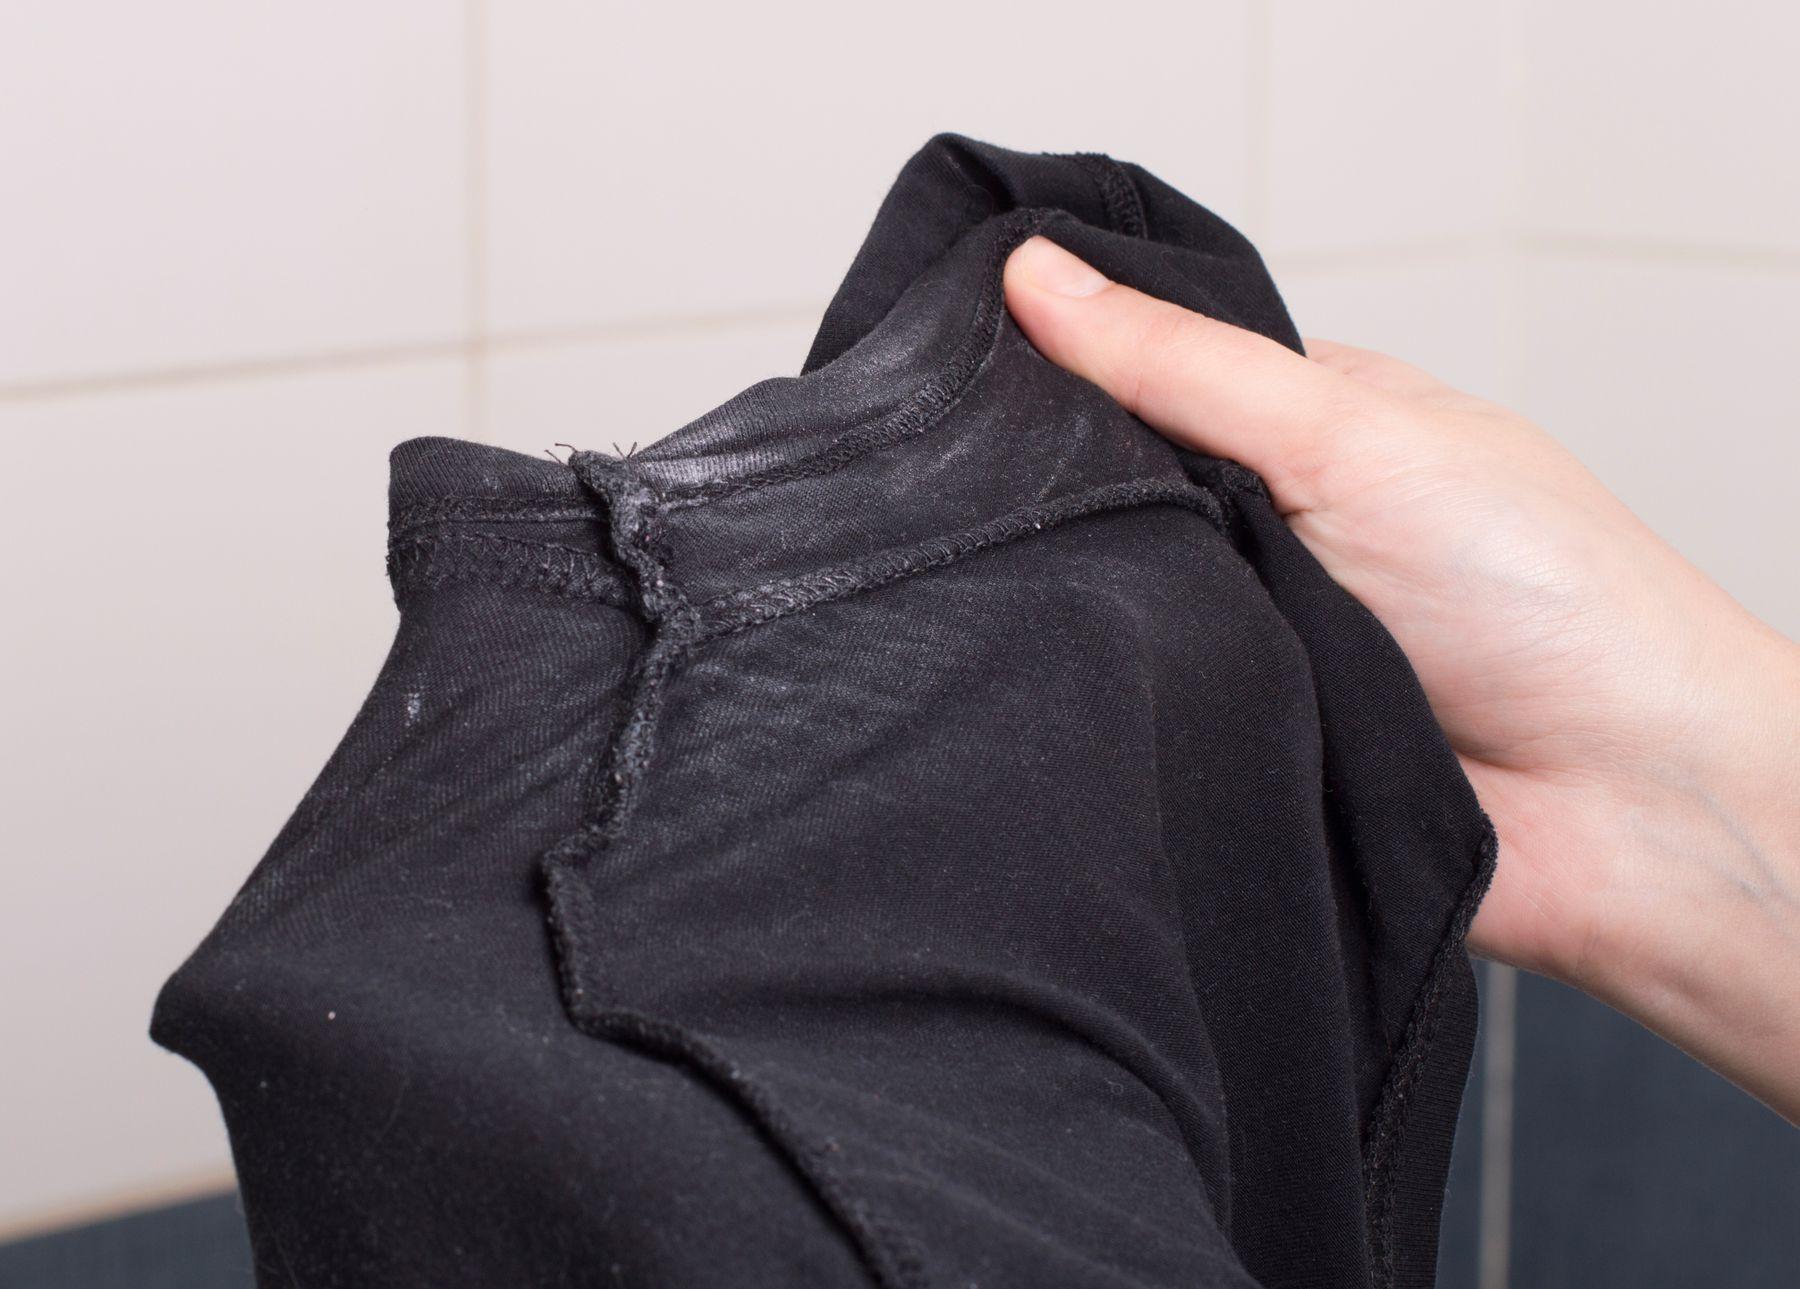 Quần áo bị dính cặn bột giặt